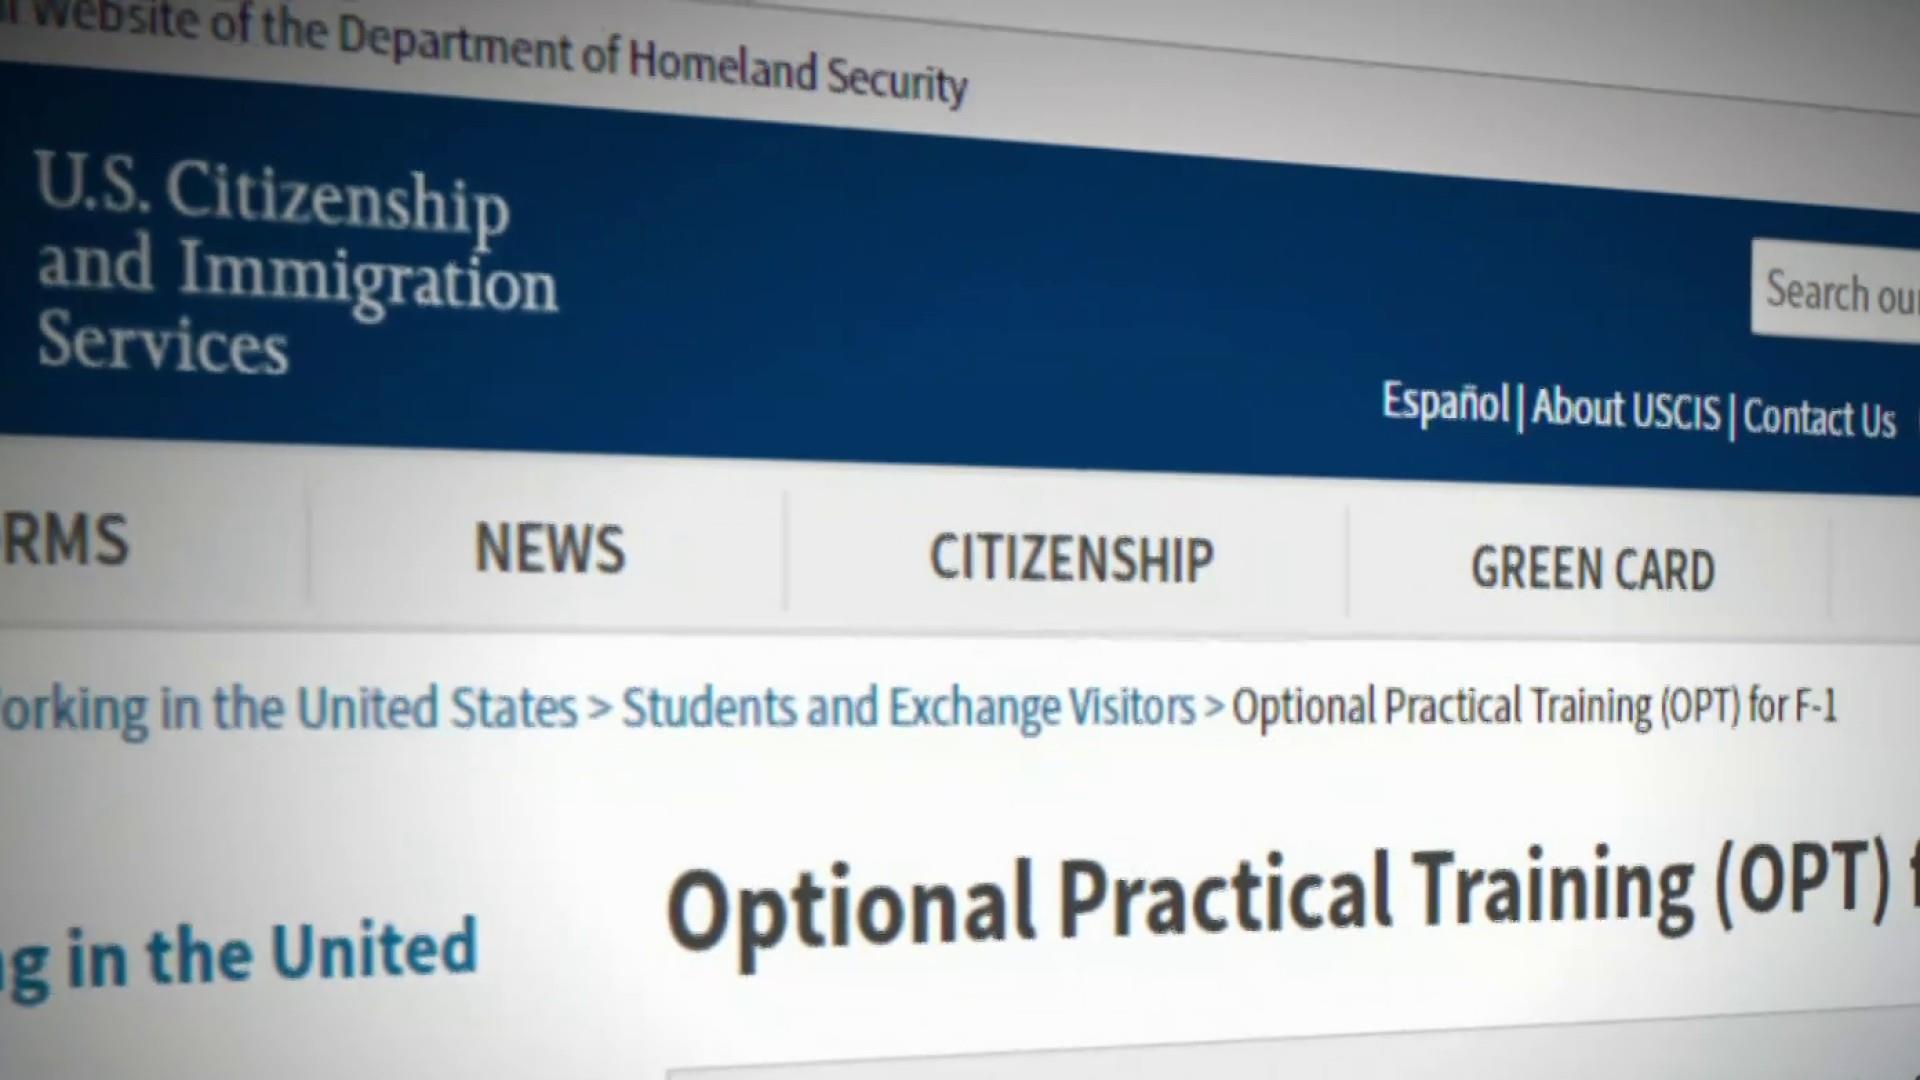 公民及移民服務局申訴專員公署提交年度報告,批評外國學生經常申請的「選擇性實習訓練」計劃對國家安全構成威脅。    電視屏幕截圖